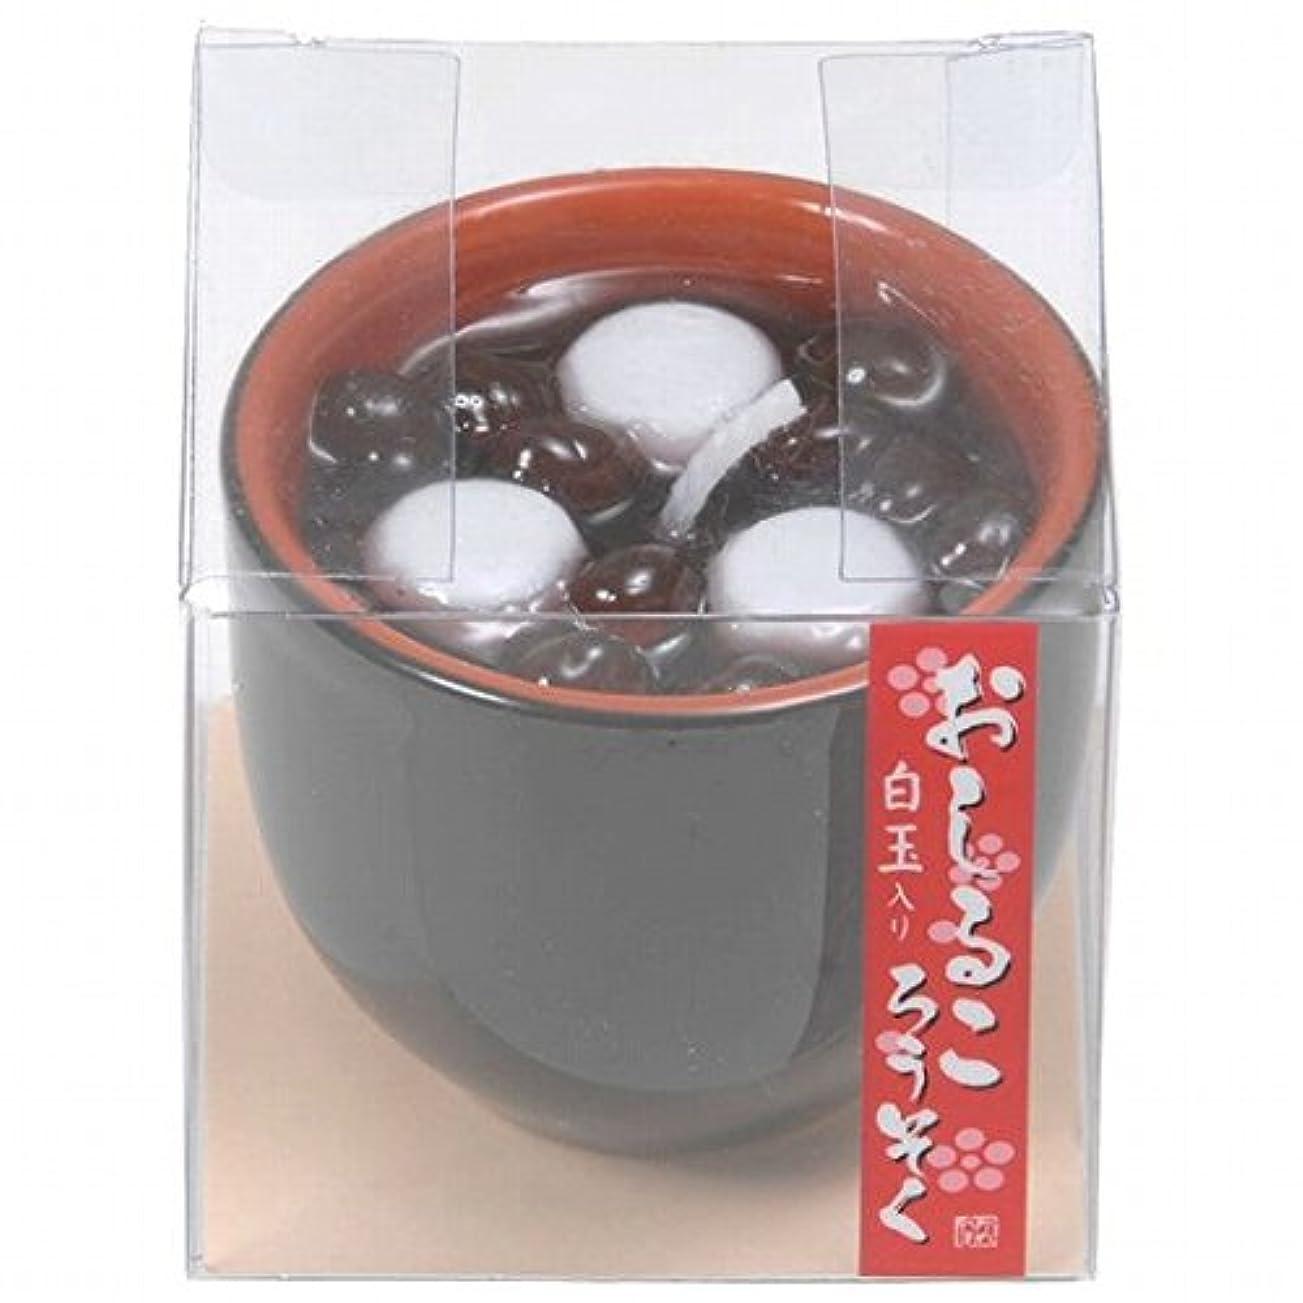 ゴシップマウス処理カメヤマキャンドル( kameyama candle ) おしるころうそく キャンドル